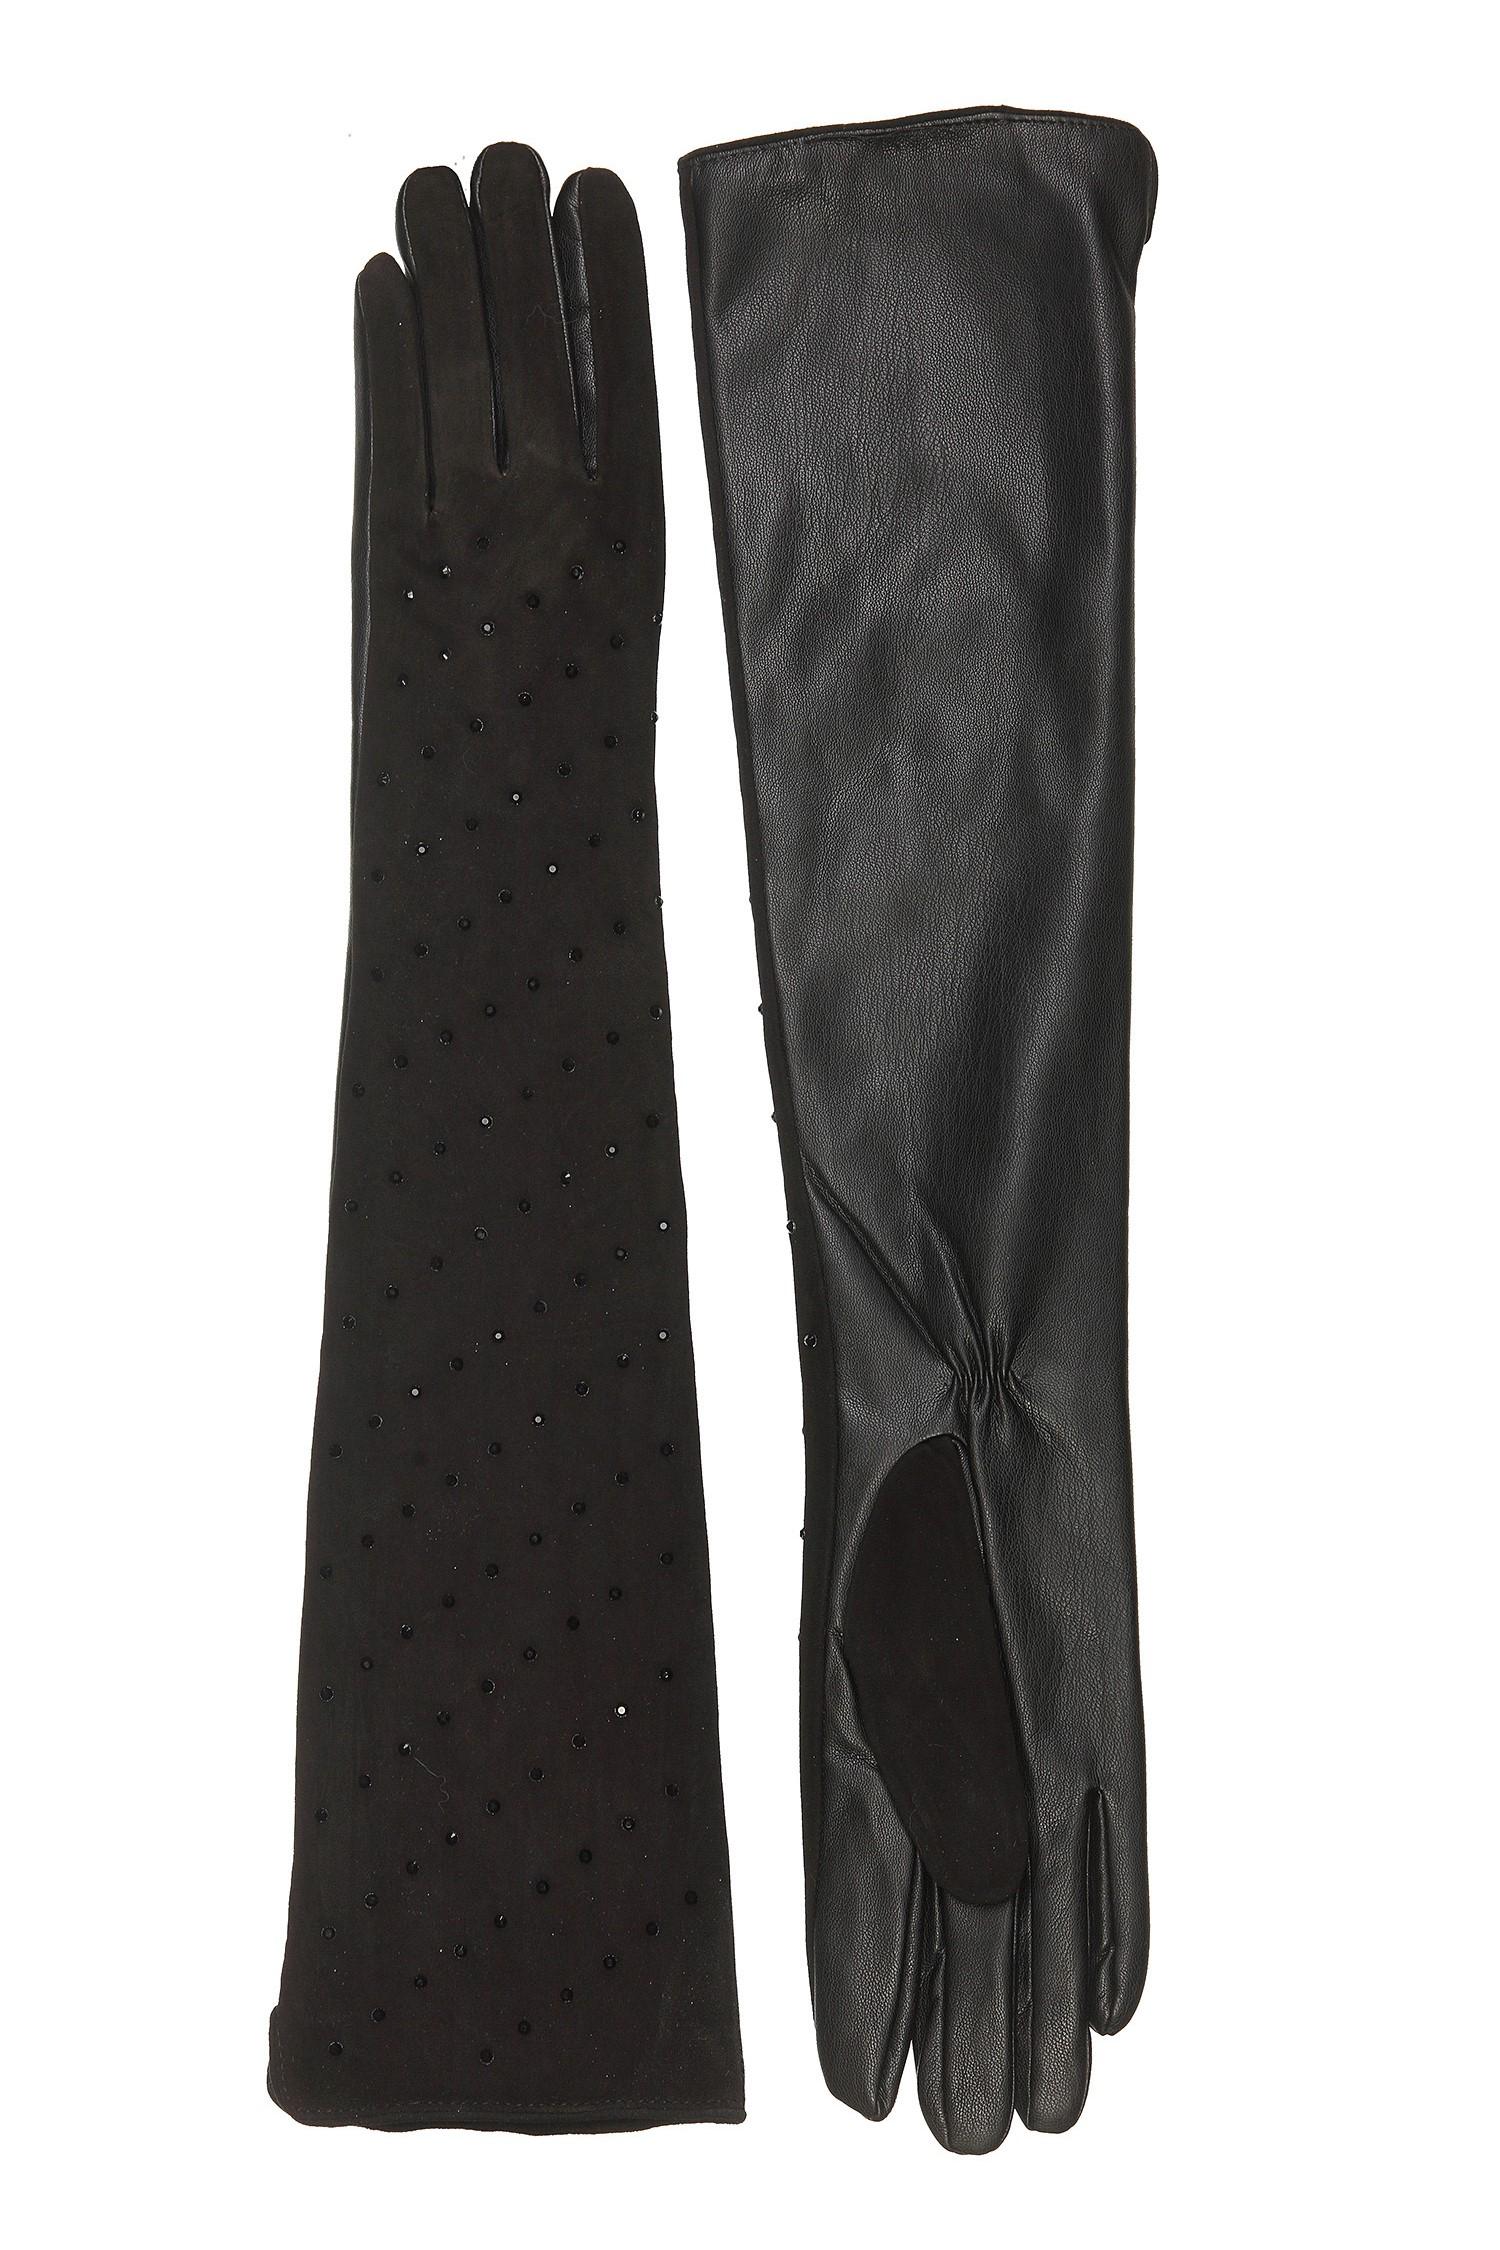 Купить со скидкой Перчатки женские из натуральной кожи